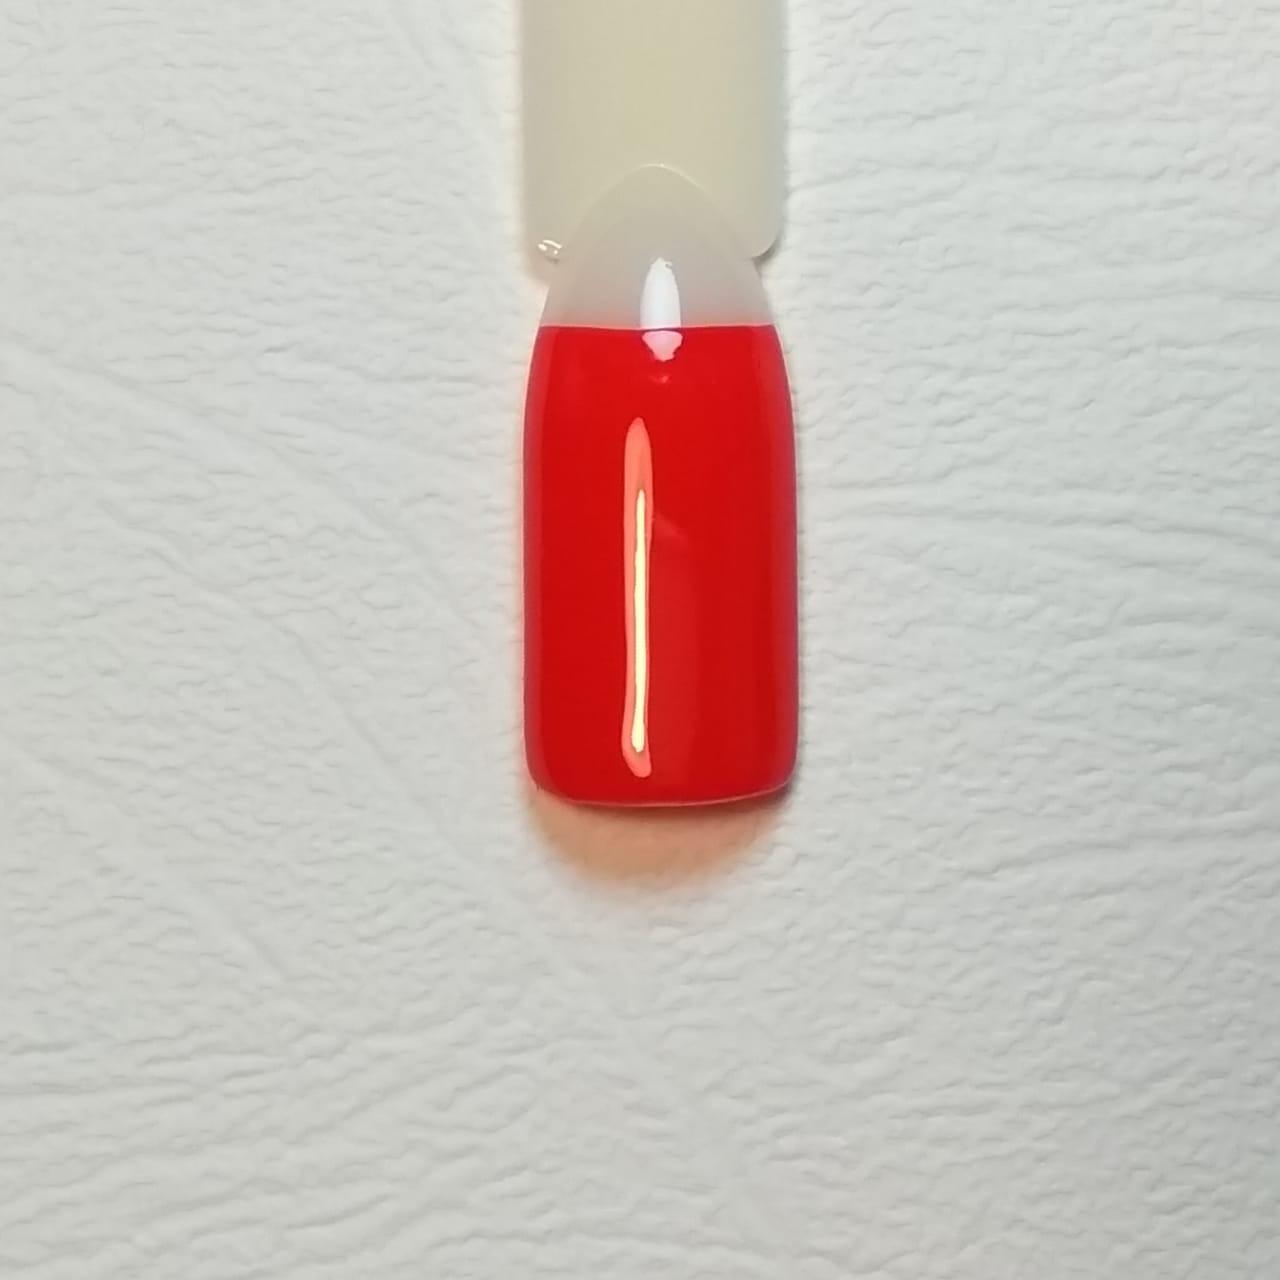 красный маникюр с сердечком: пошаговое фото